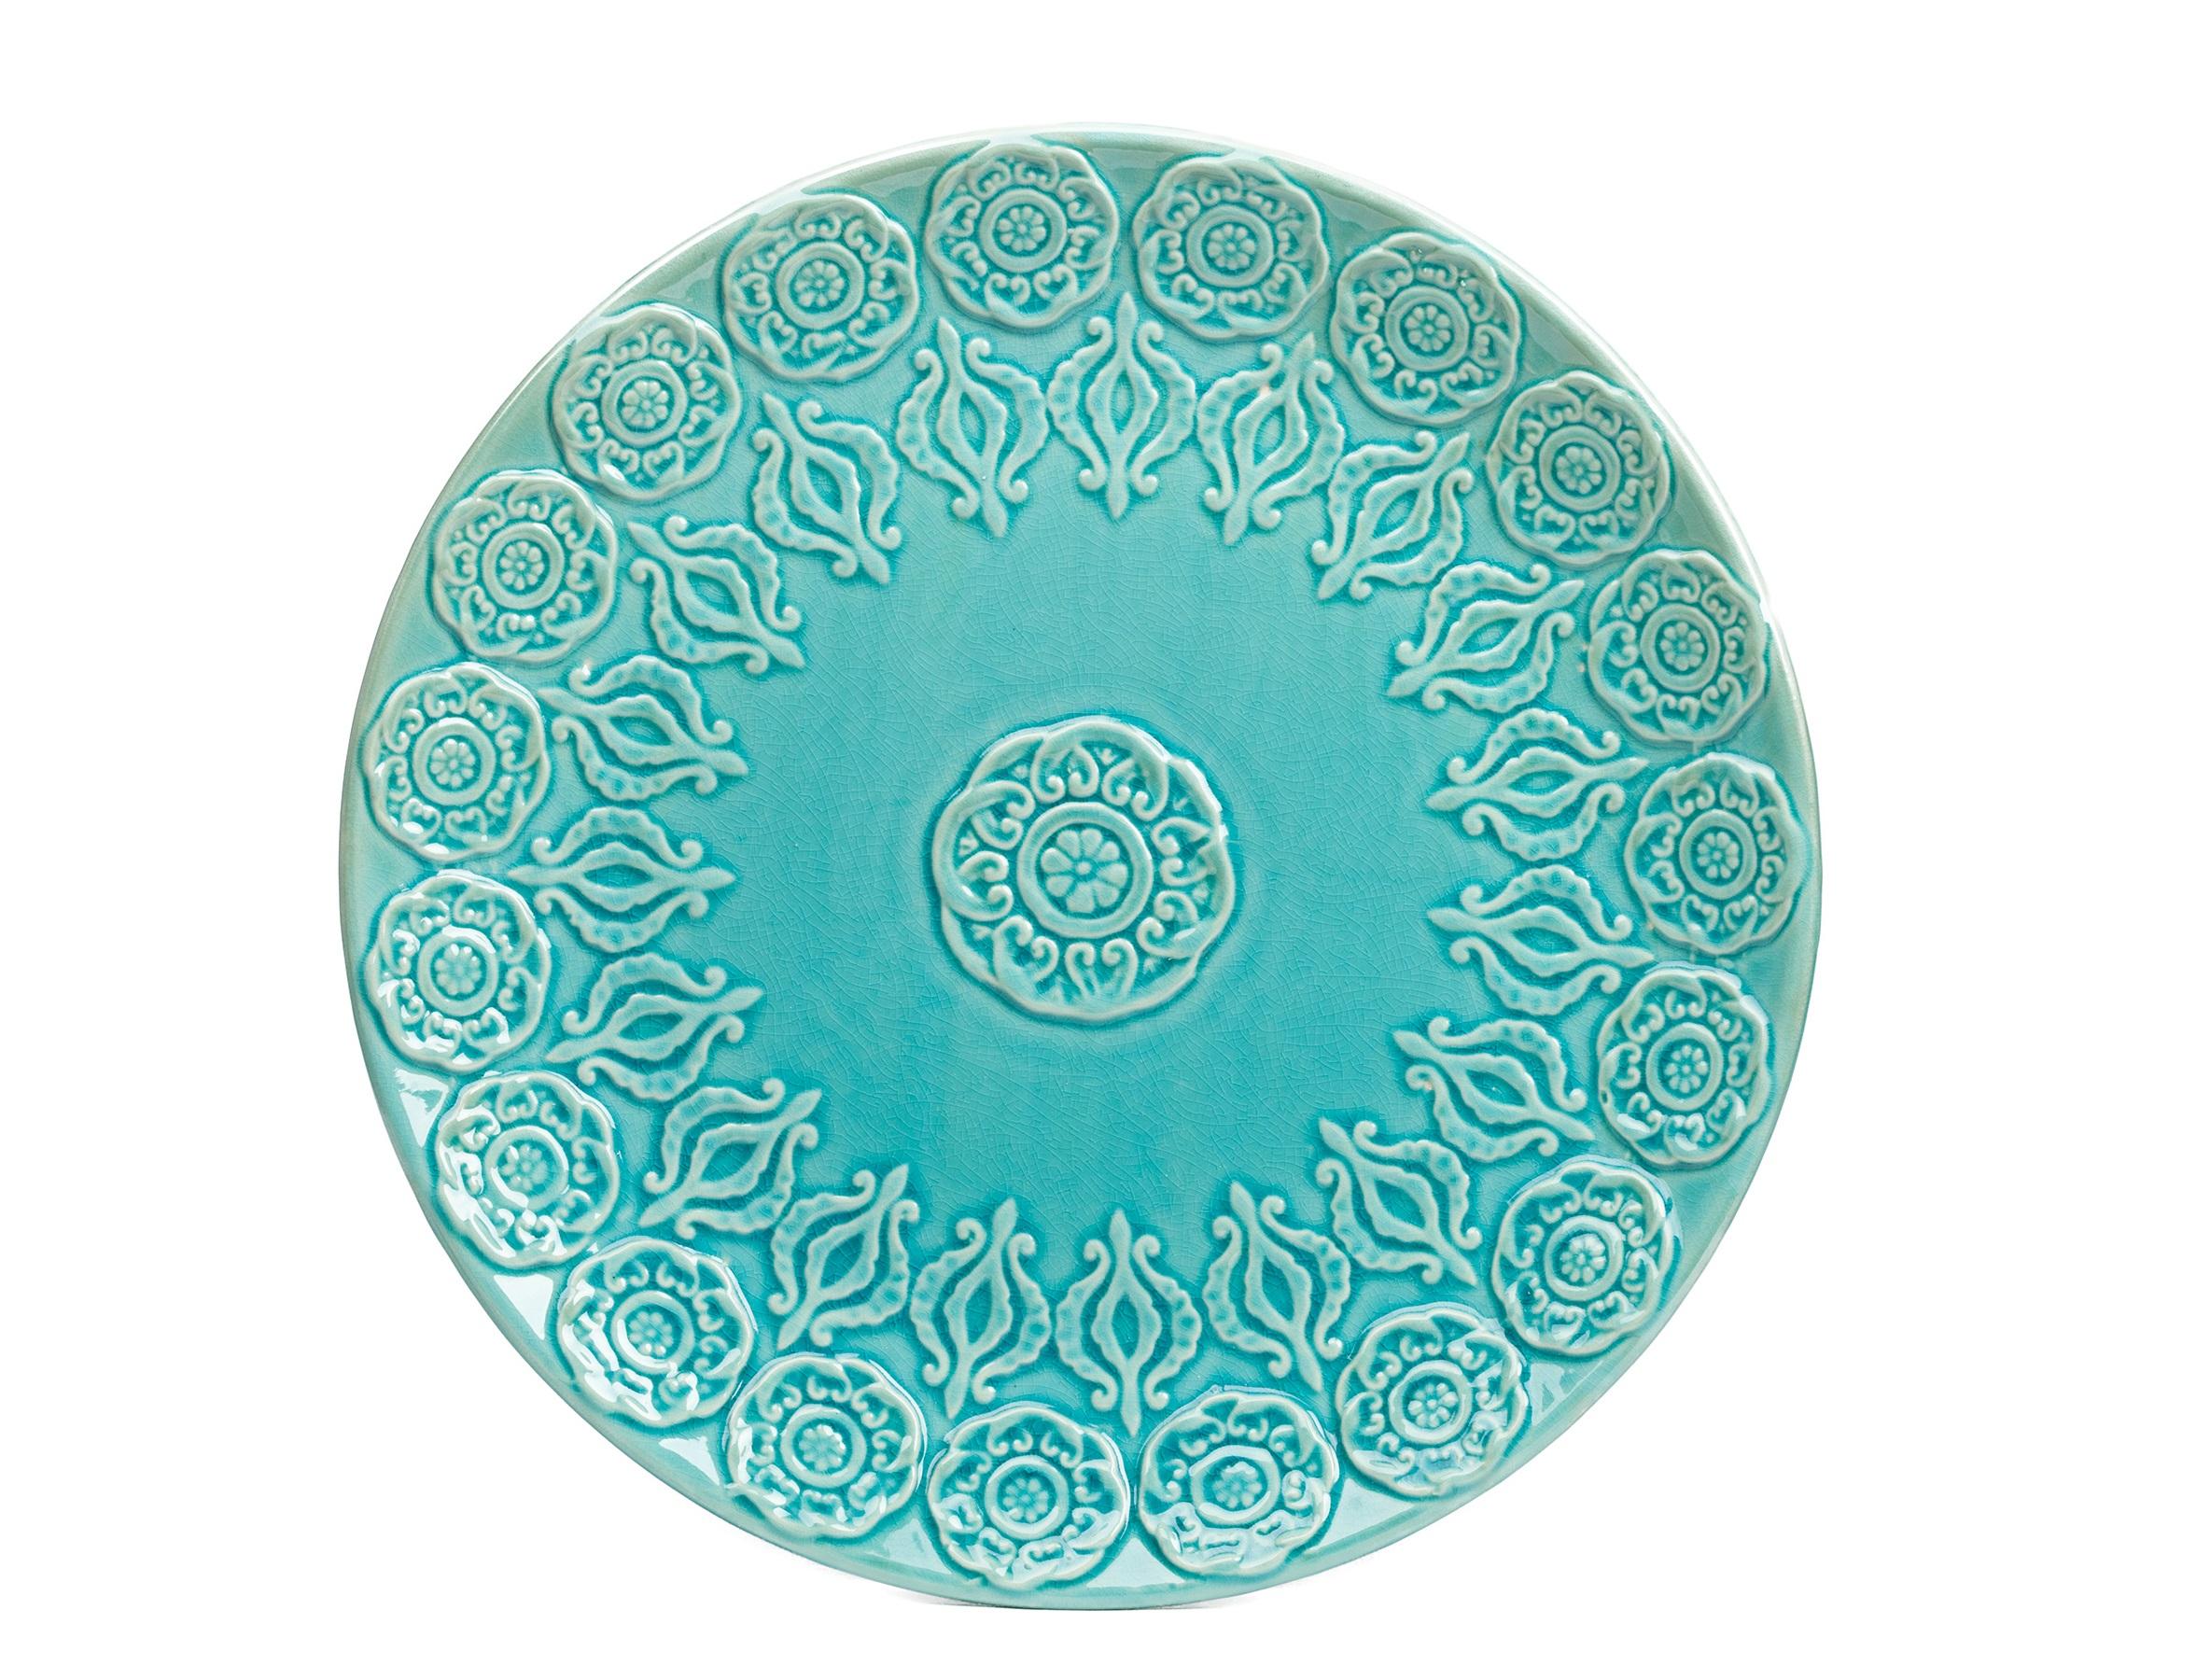 Тарелка NavyДекоративные тарелки<br><br><br>Material: Керамика<br>Length см: None<br>Width см: None<br>Height см: 4,5<br>Diameter см: 45